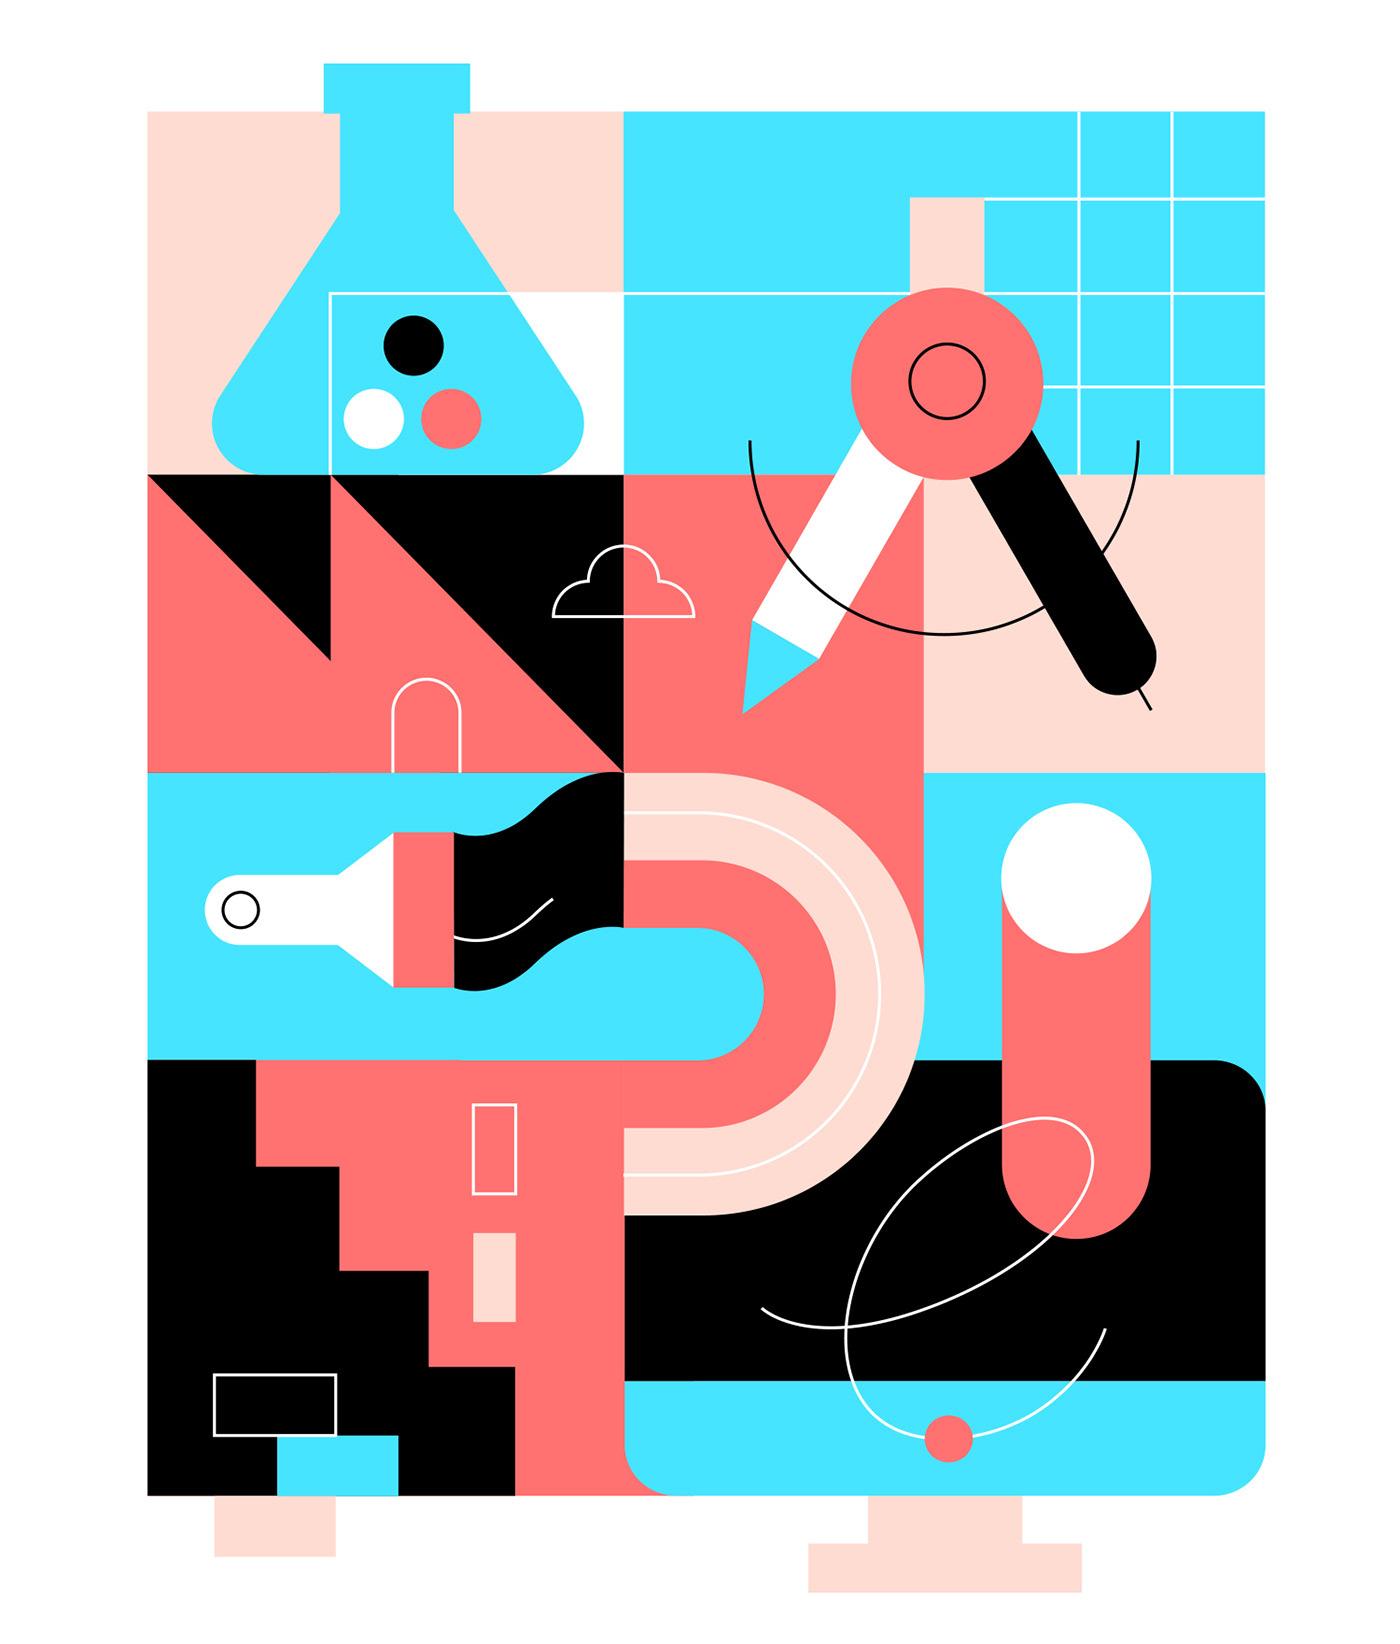 amadine app BeLight test typography